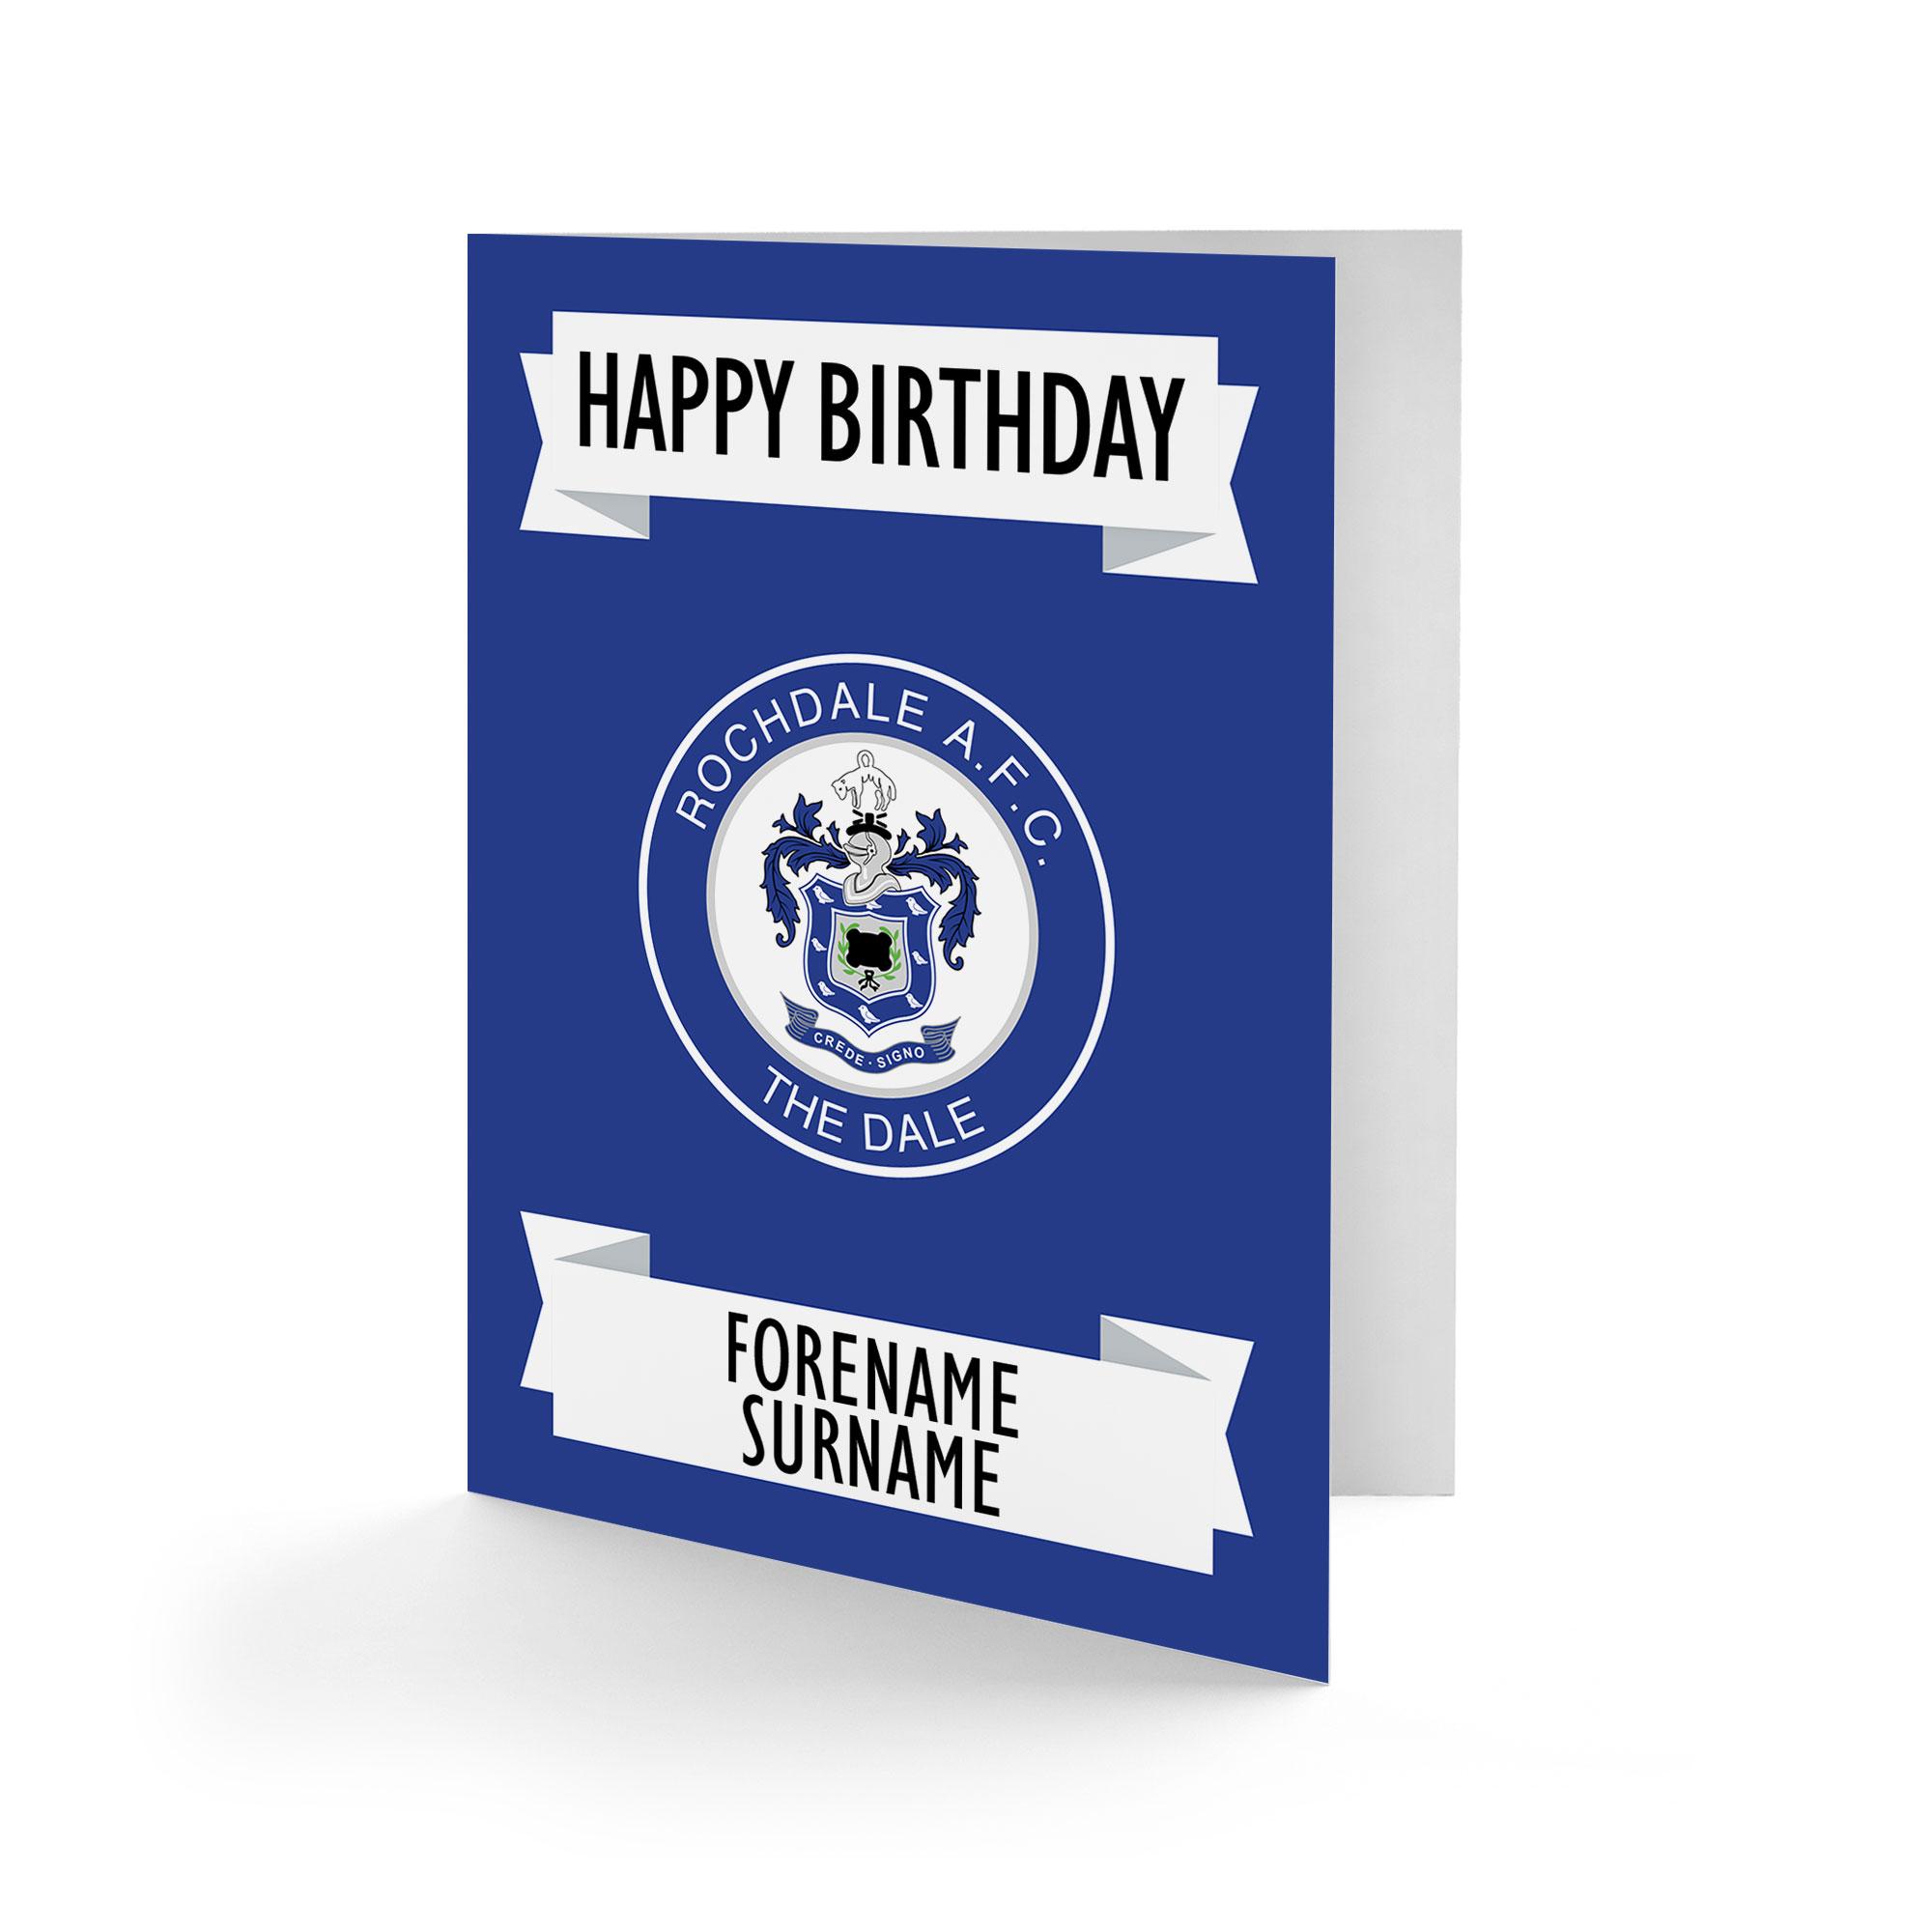 Rochdale AFC Crest Birthday Card